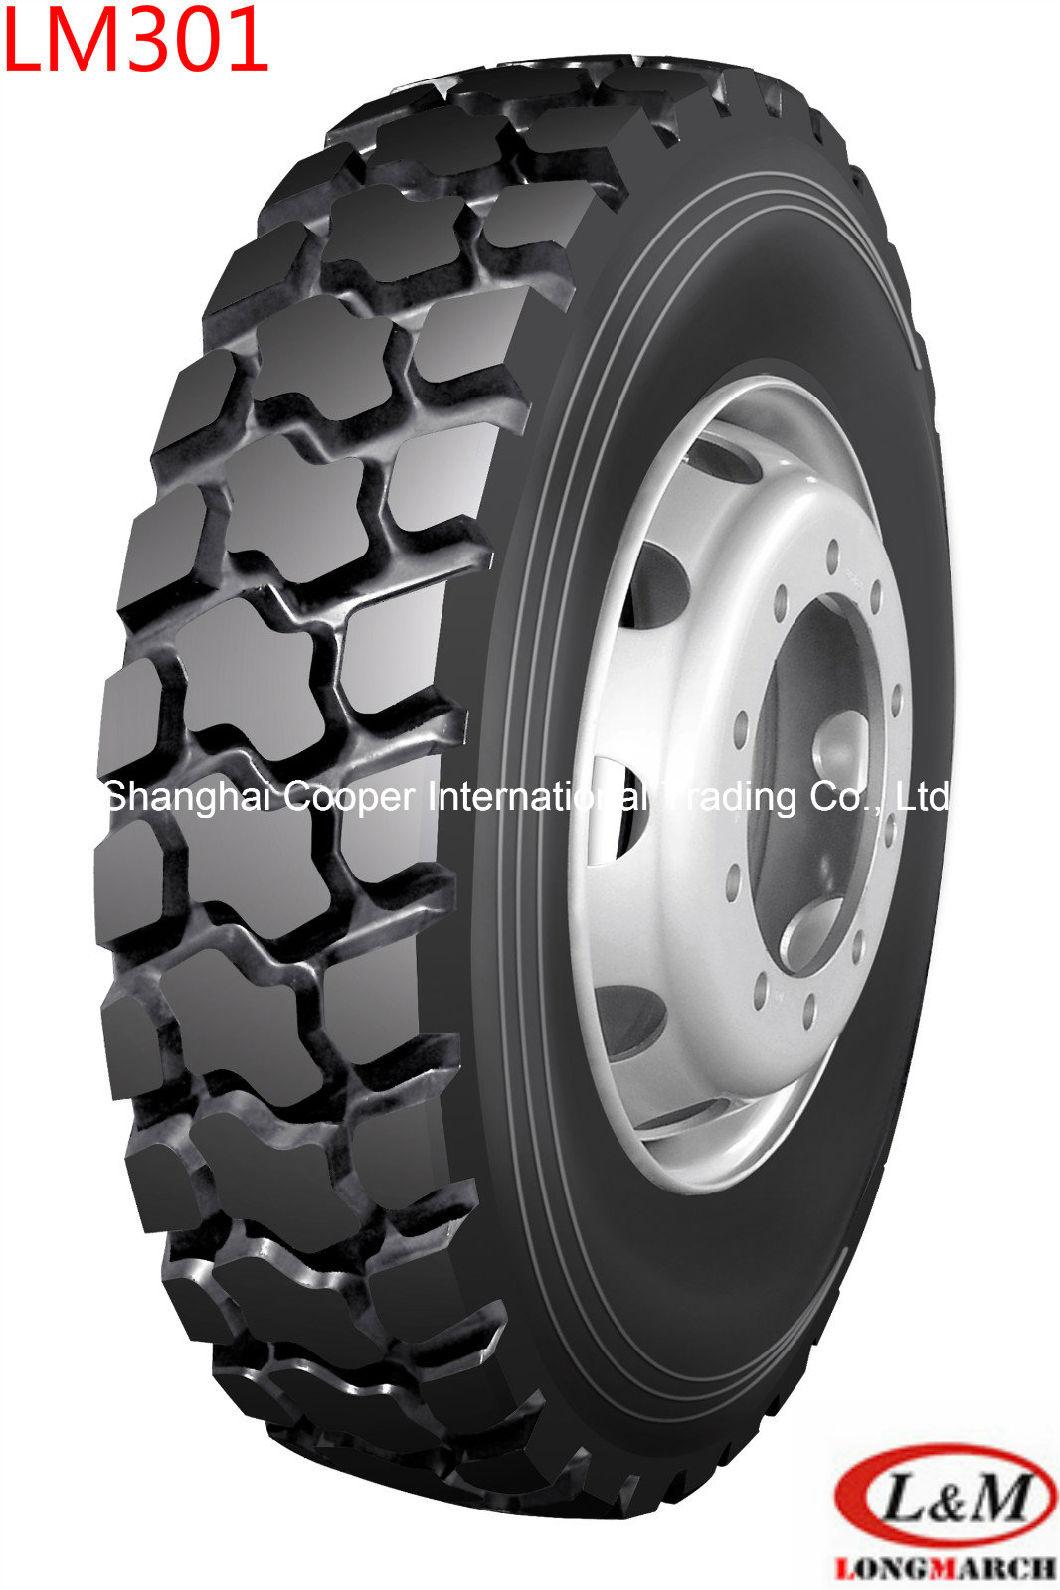 Longmarch Drive/Steer/Trailer Truck Tire (301)